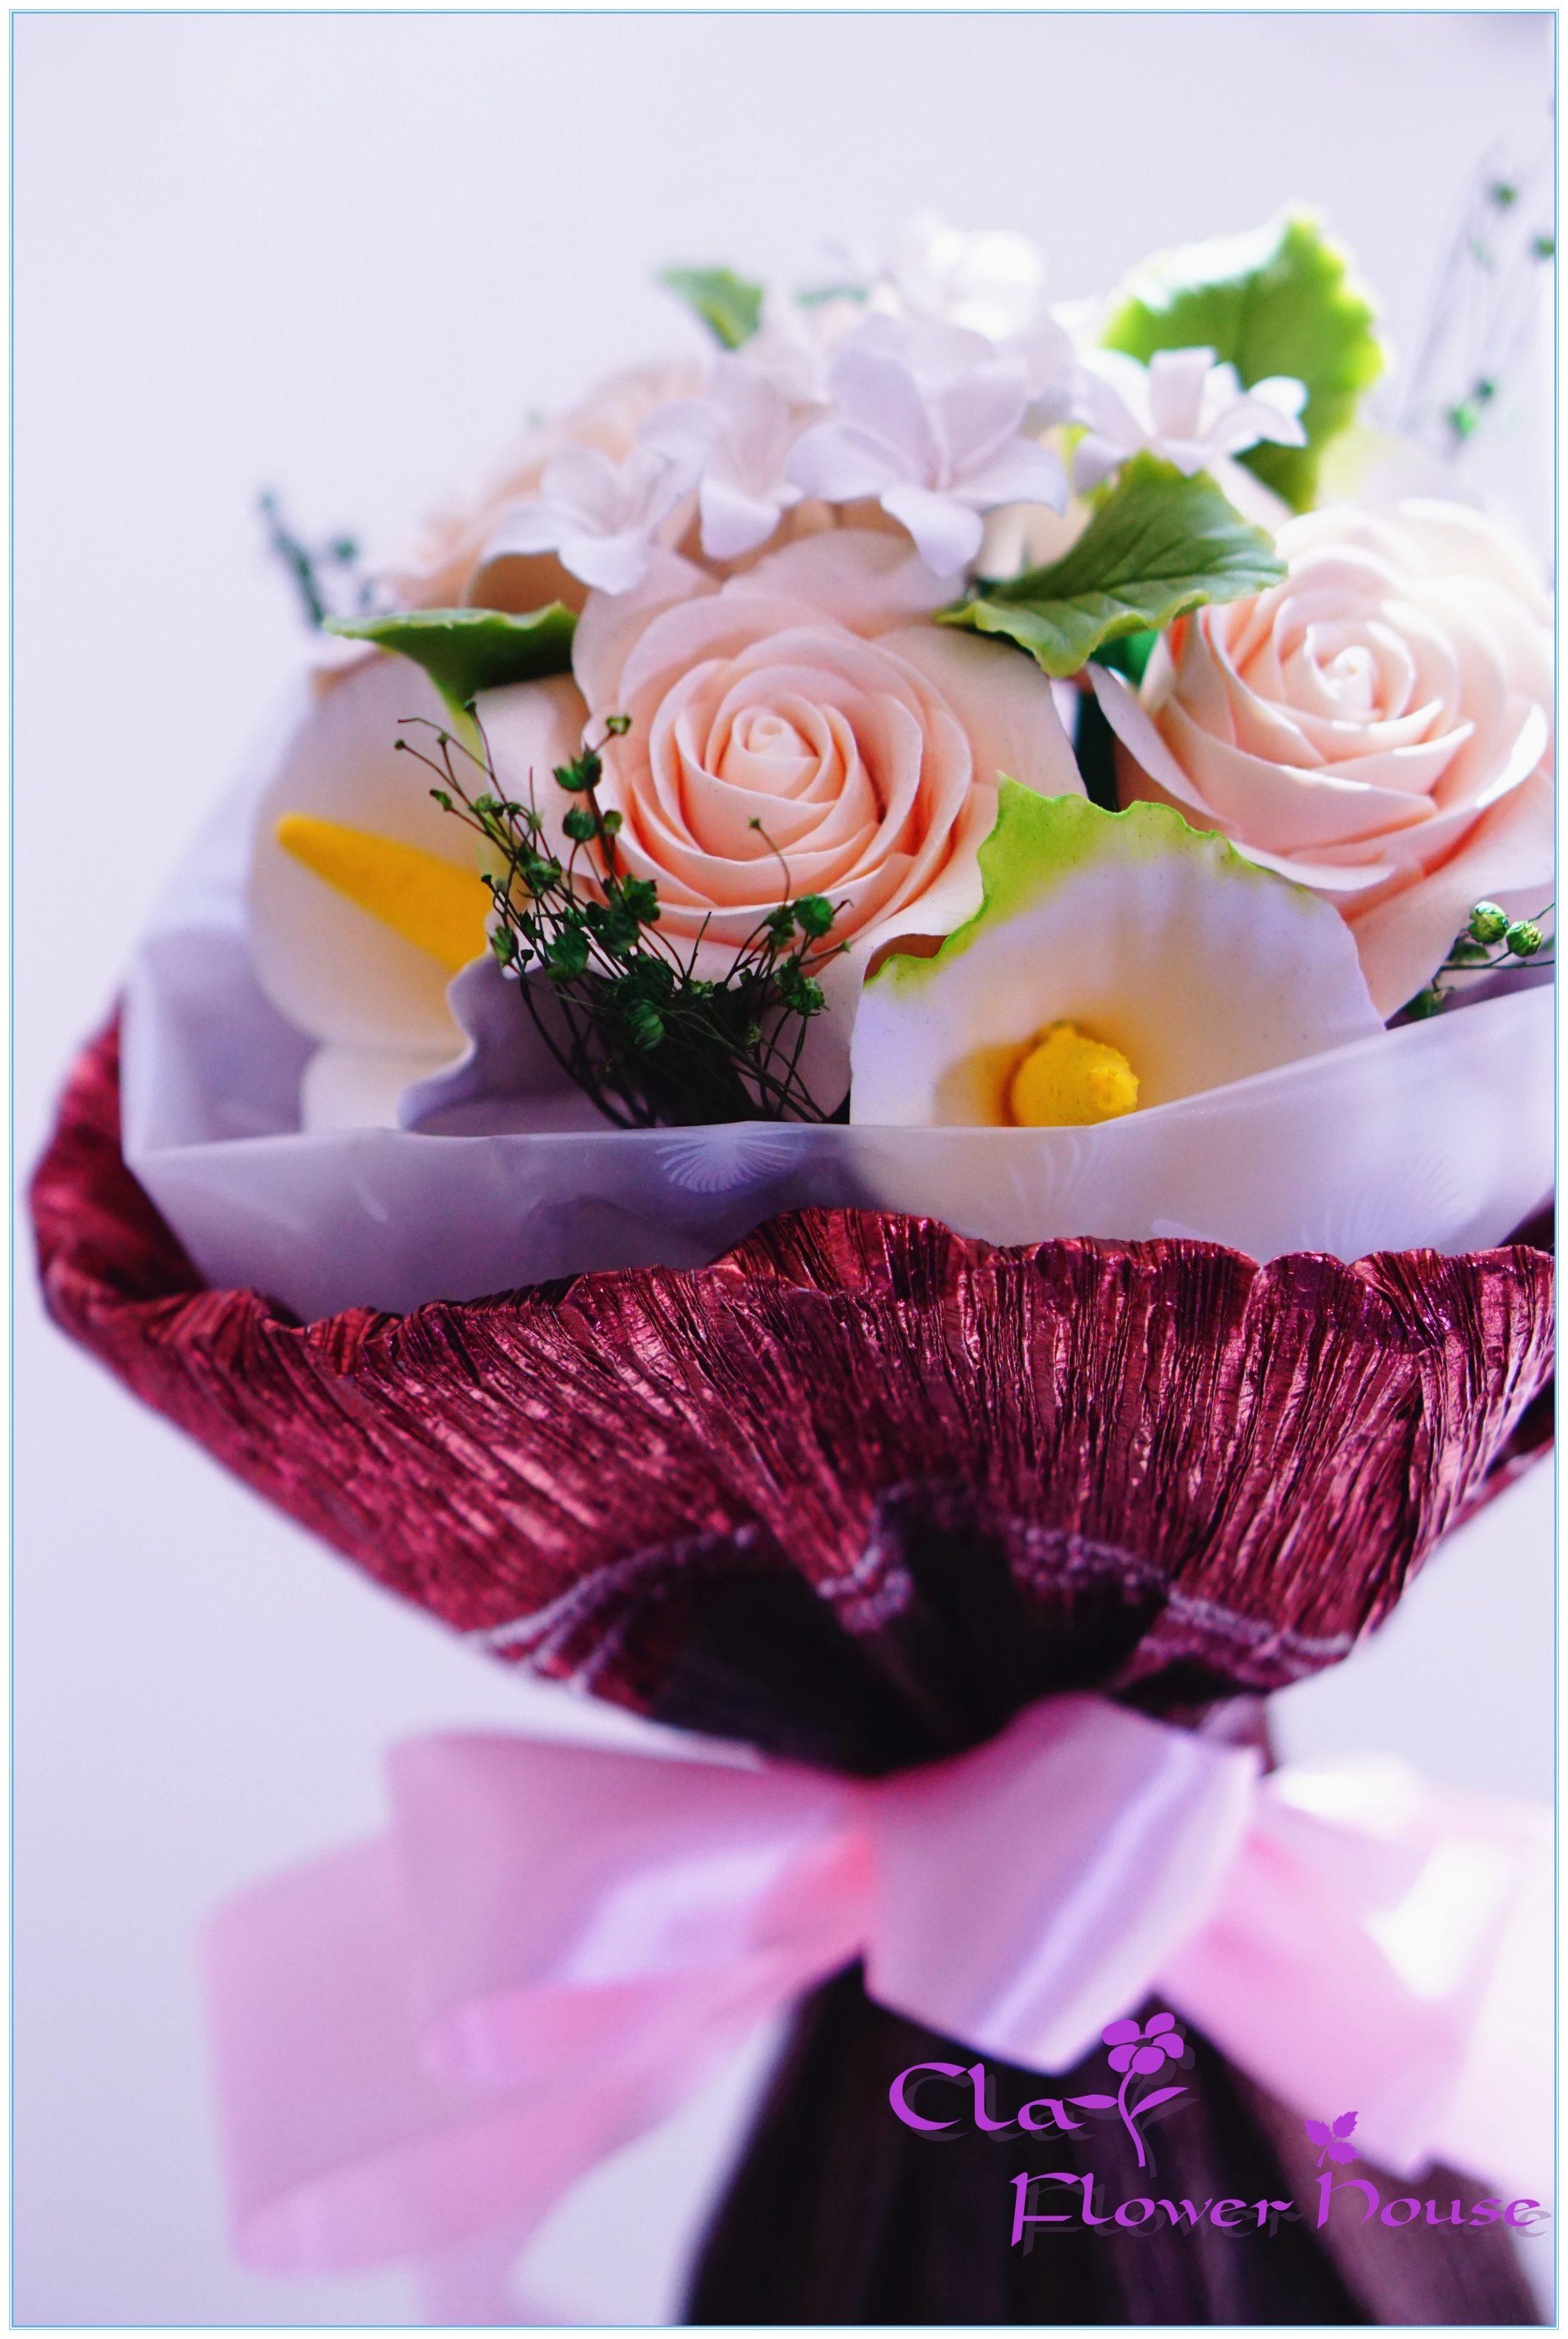 Clay flower bouquet 33 clay flower bouquet 33 izmirmasajfo